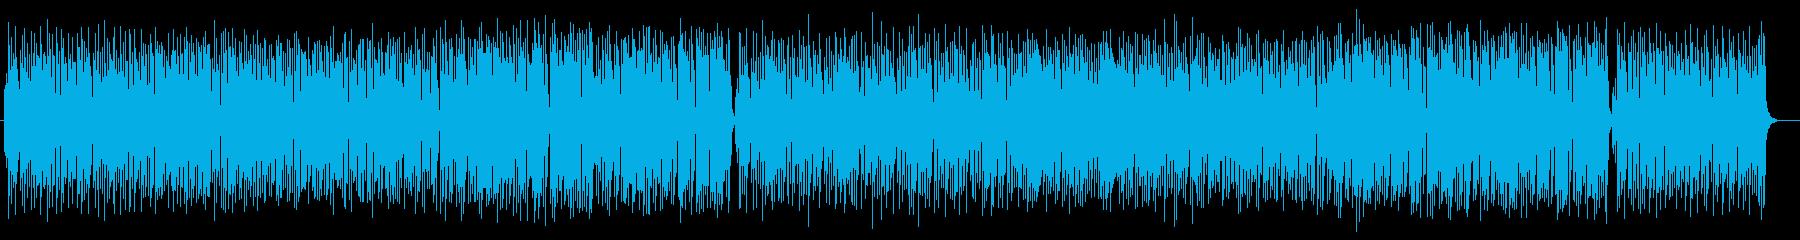 軽快で感動的なストリングスポップの再生済みの波形